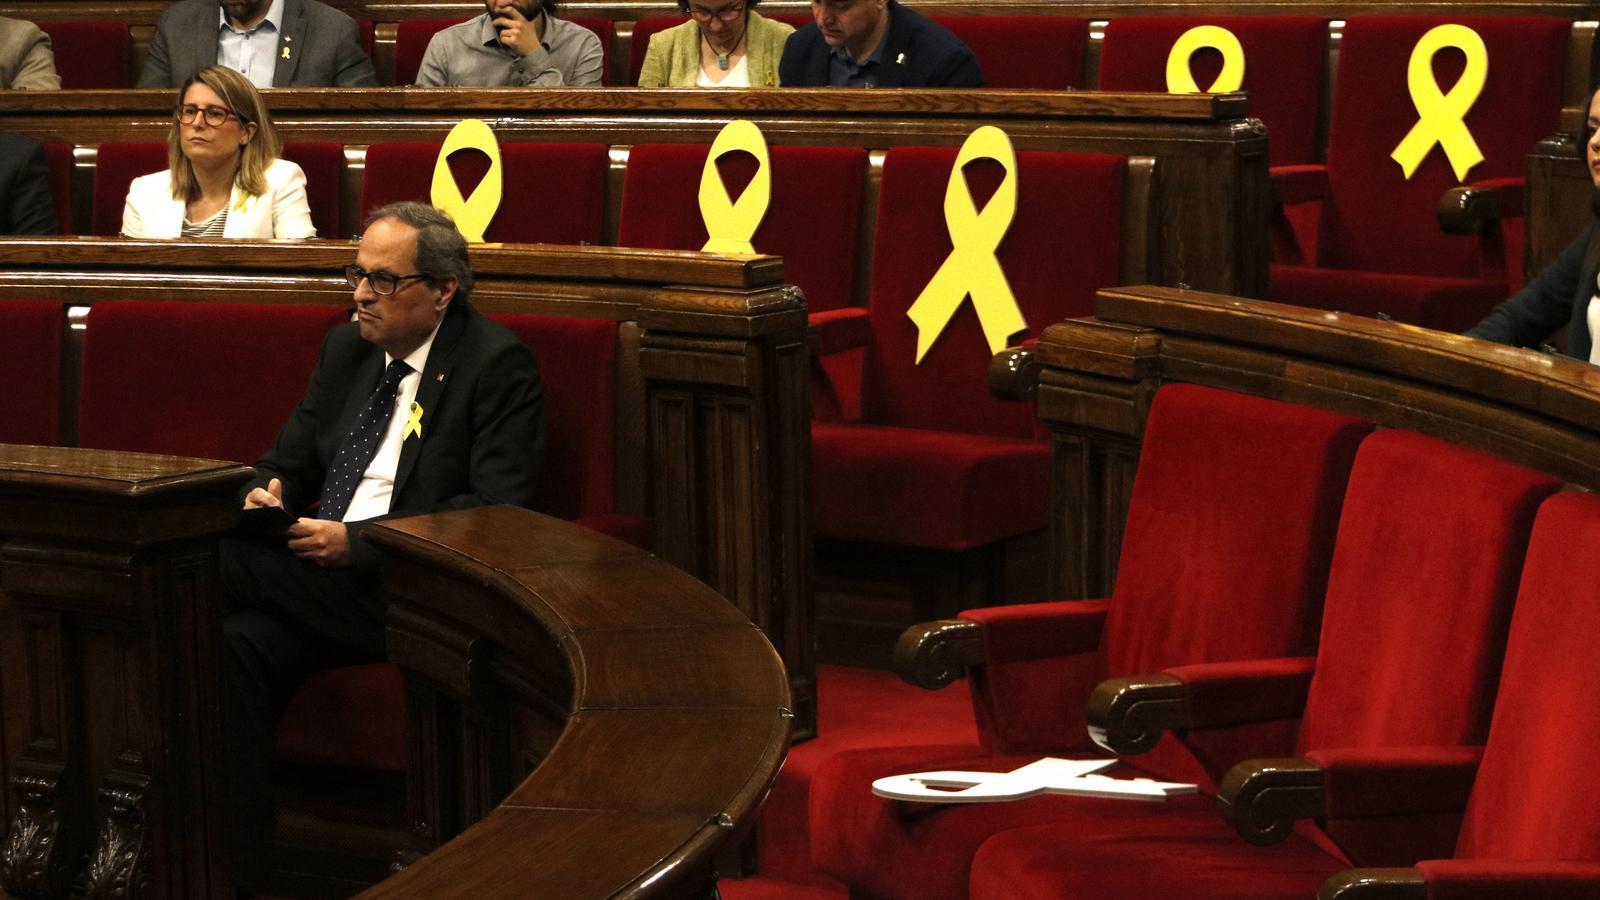 Un llaç groc a la bancada del Govern tombat amb Quim Torra, de fons, i amb altres llaços de fons al ple d'aquest divendres